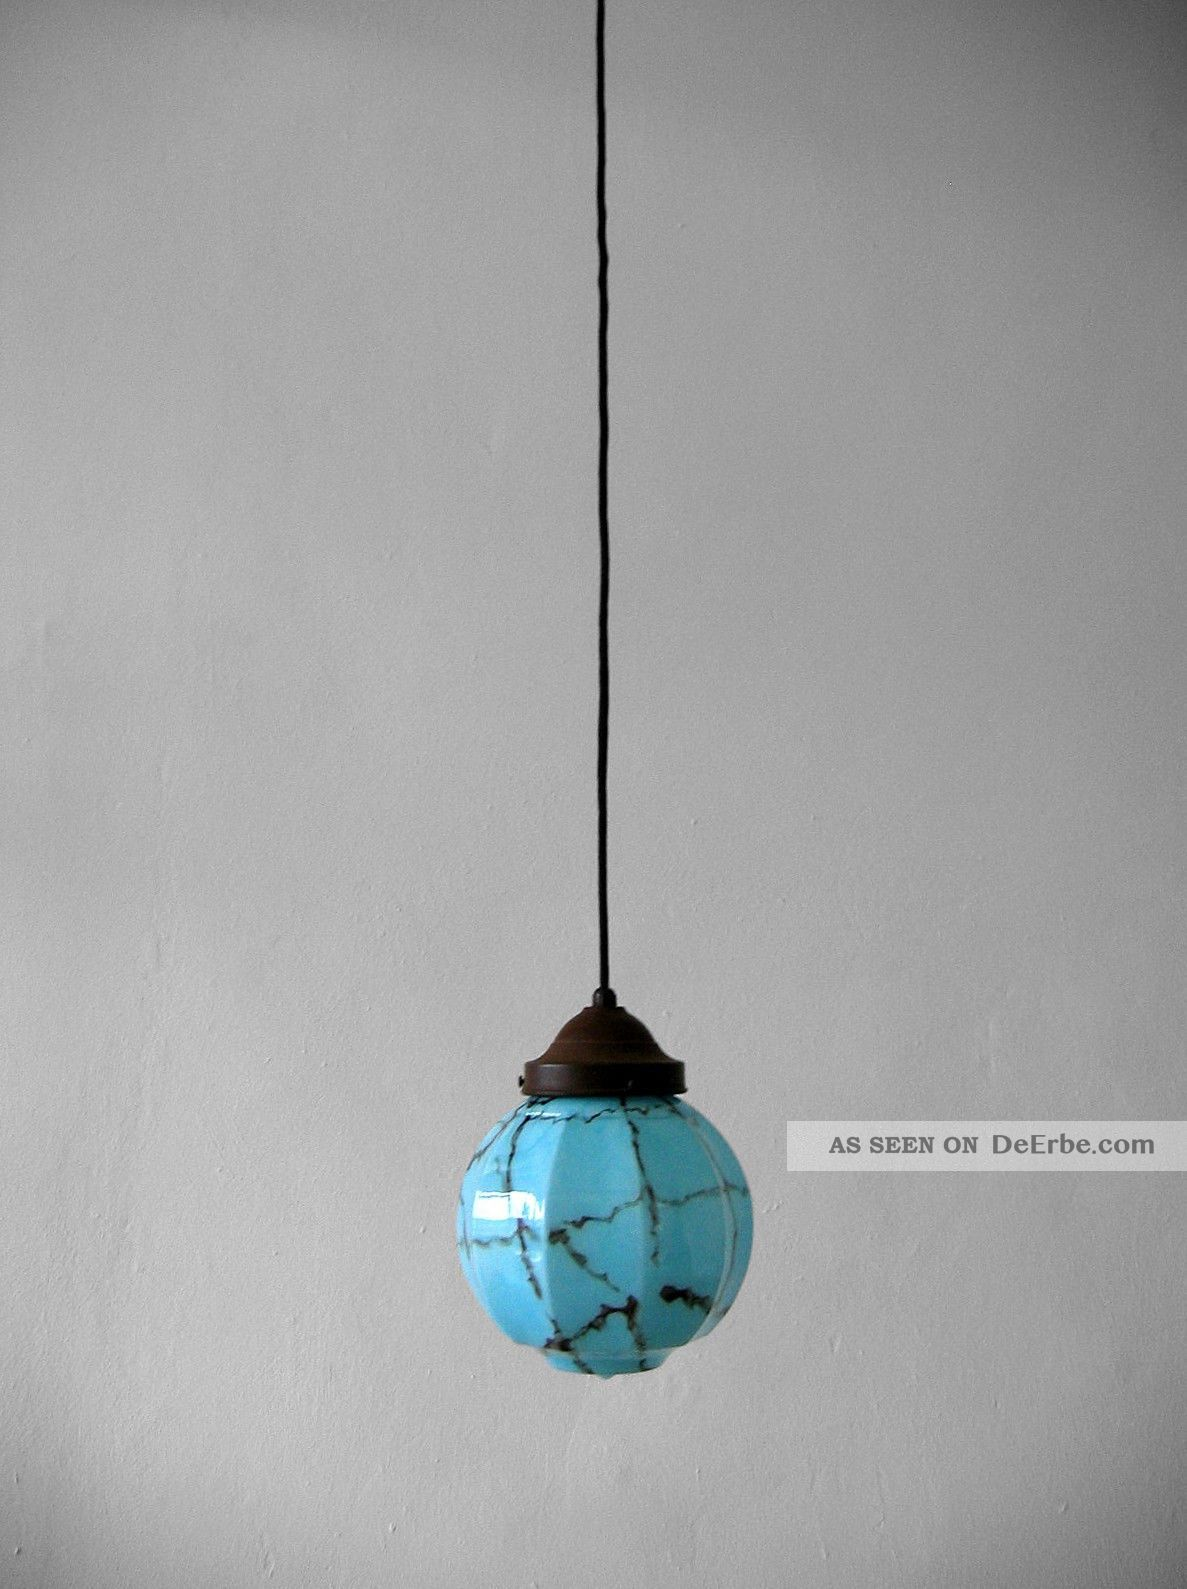 art d co kugel pendelleuchte blau bauhaus jugendstil. Black Bedroom Furniture Sets. Home Design Ideas